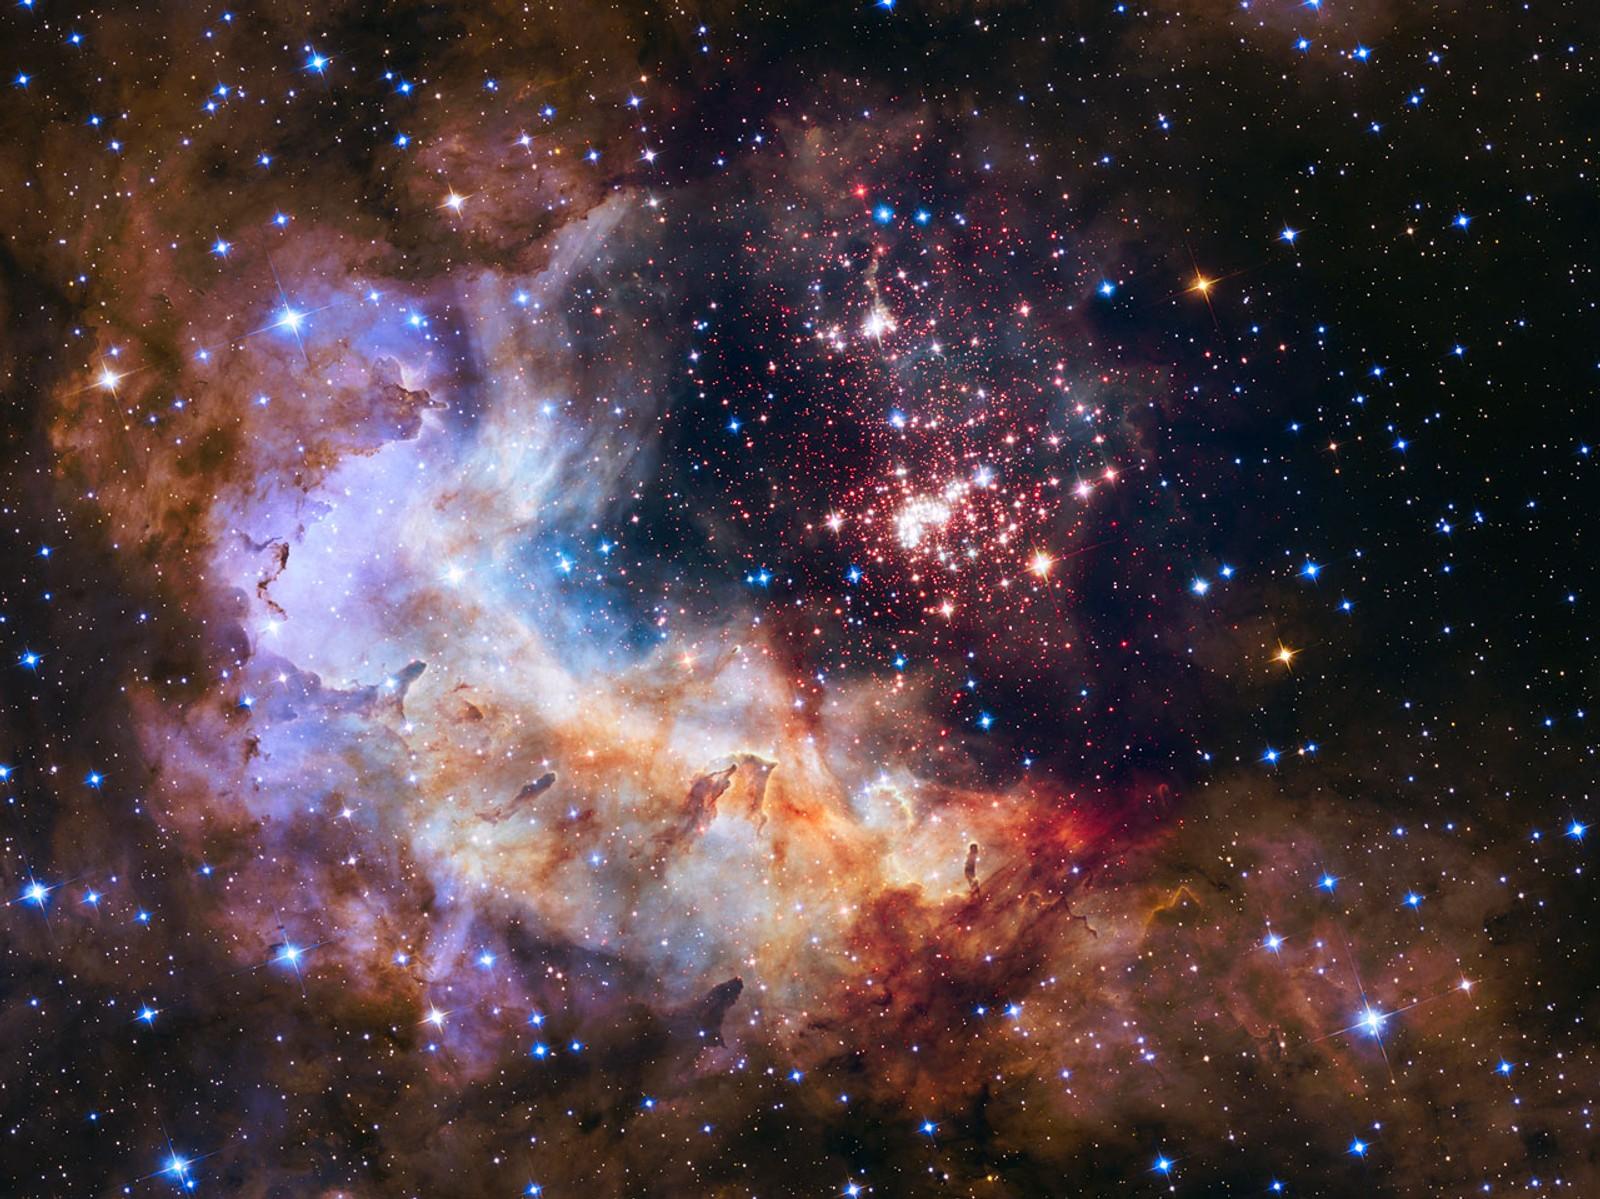 Dette bildet markerer Hubble-teleskopets 25-årsjubileum. Klyngen av rundt 3000 stjerner heter Westerlund 2, og er oppkalt etter den svenske astronomen Bengt Westerlund. Klyngen av stjerner er rundt to millioner år gammel, men inneholder noen av de lyseste, varmeste og største stjernene som noen gang er blitt oppdaget.